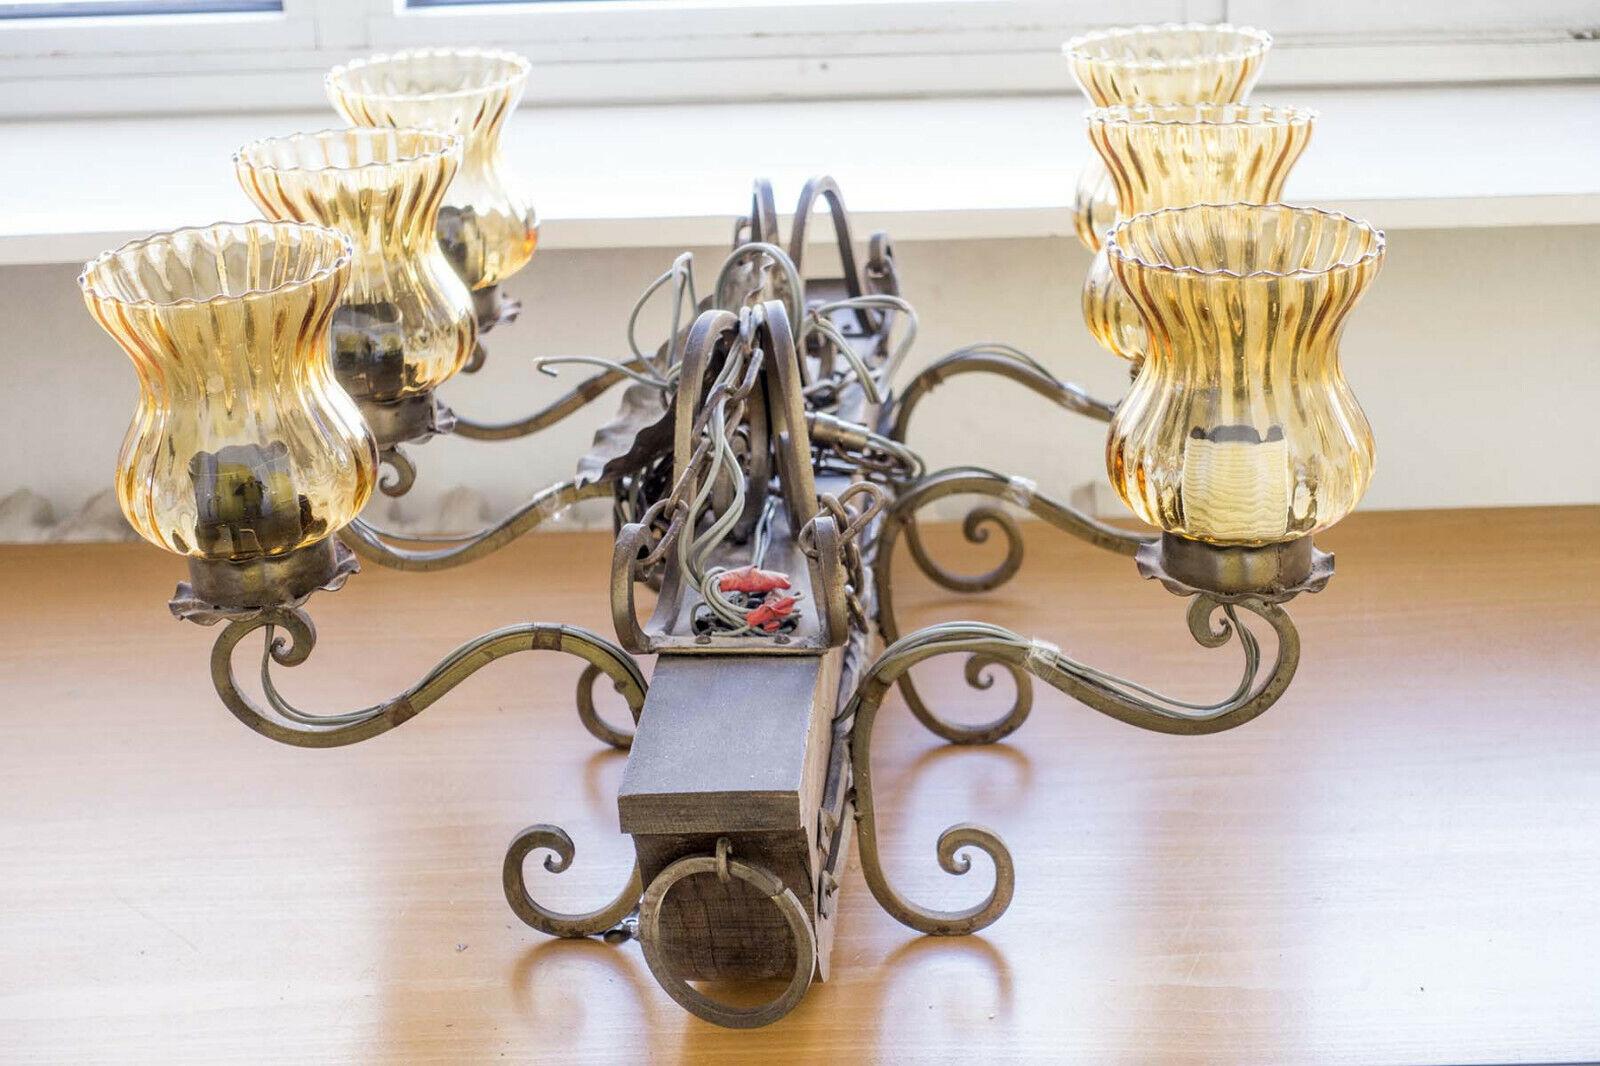 Urige Kneipen-Lampe, Deckenlampe Vintage,  6-flammig, massiver Eichen-Balken